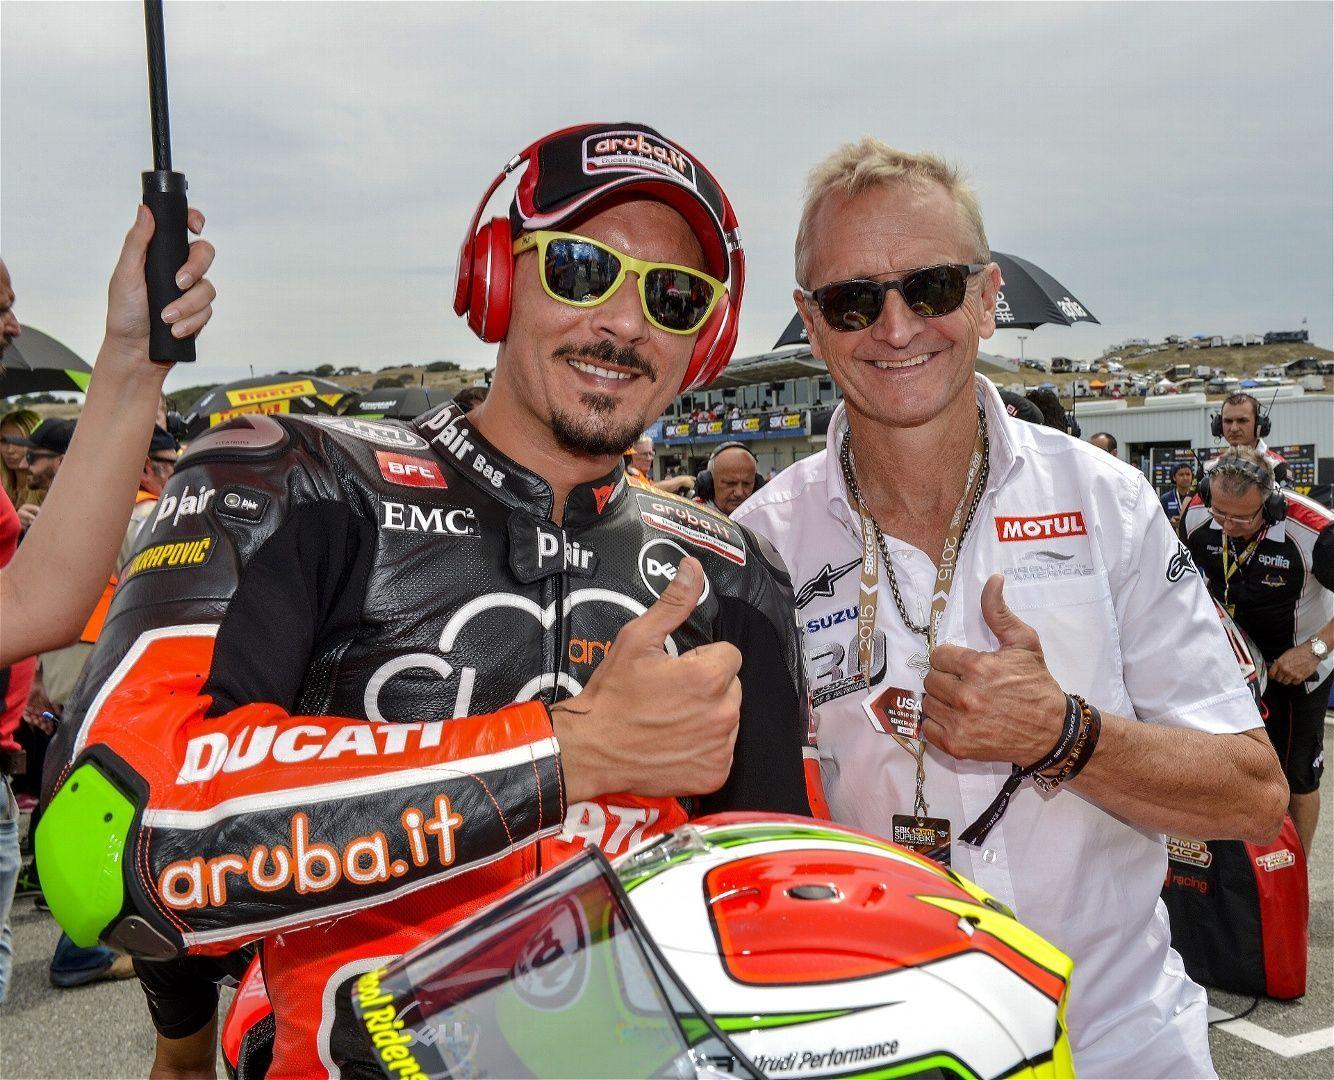 2015 Ducati Panigale R   Davide Giugliano